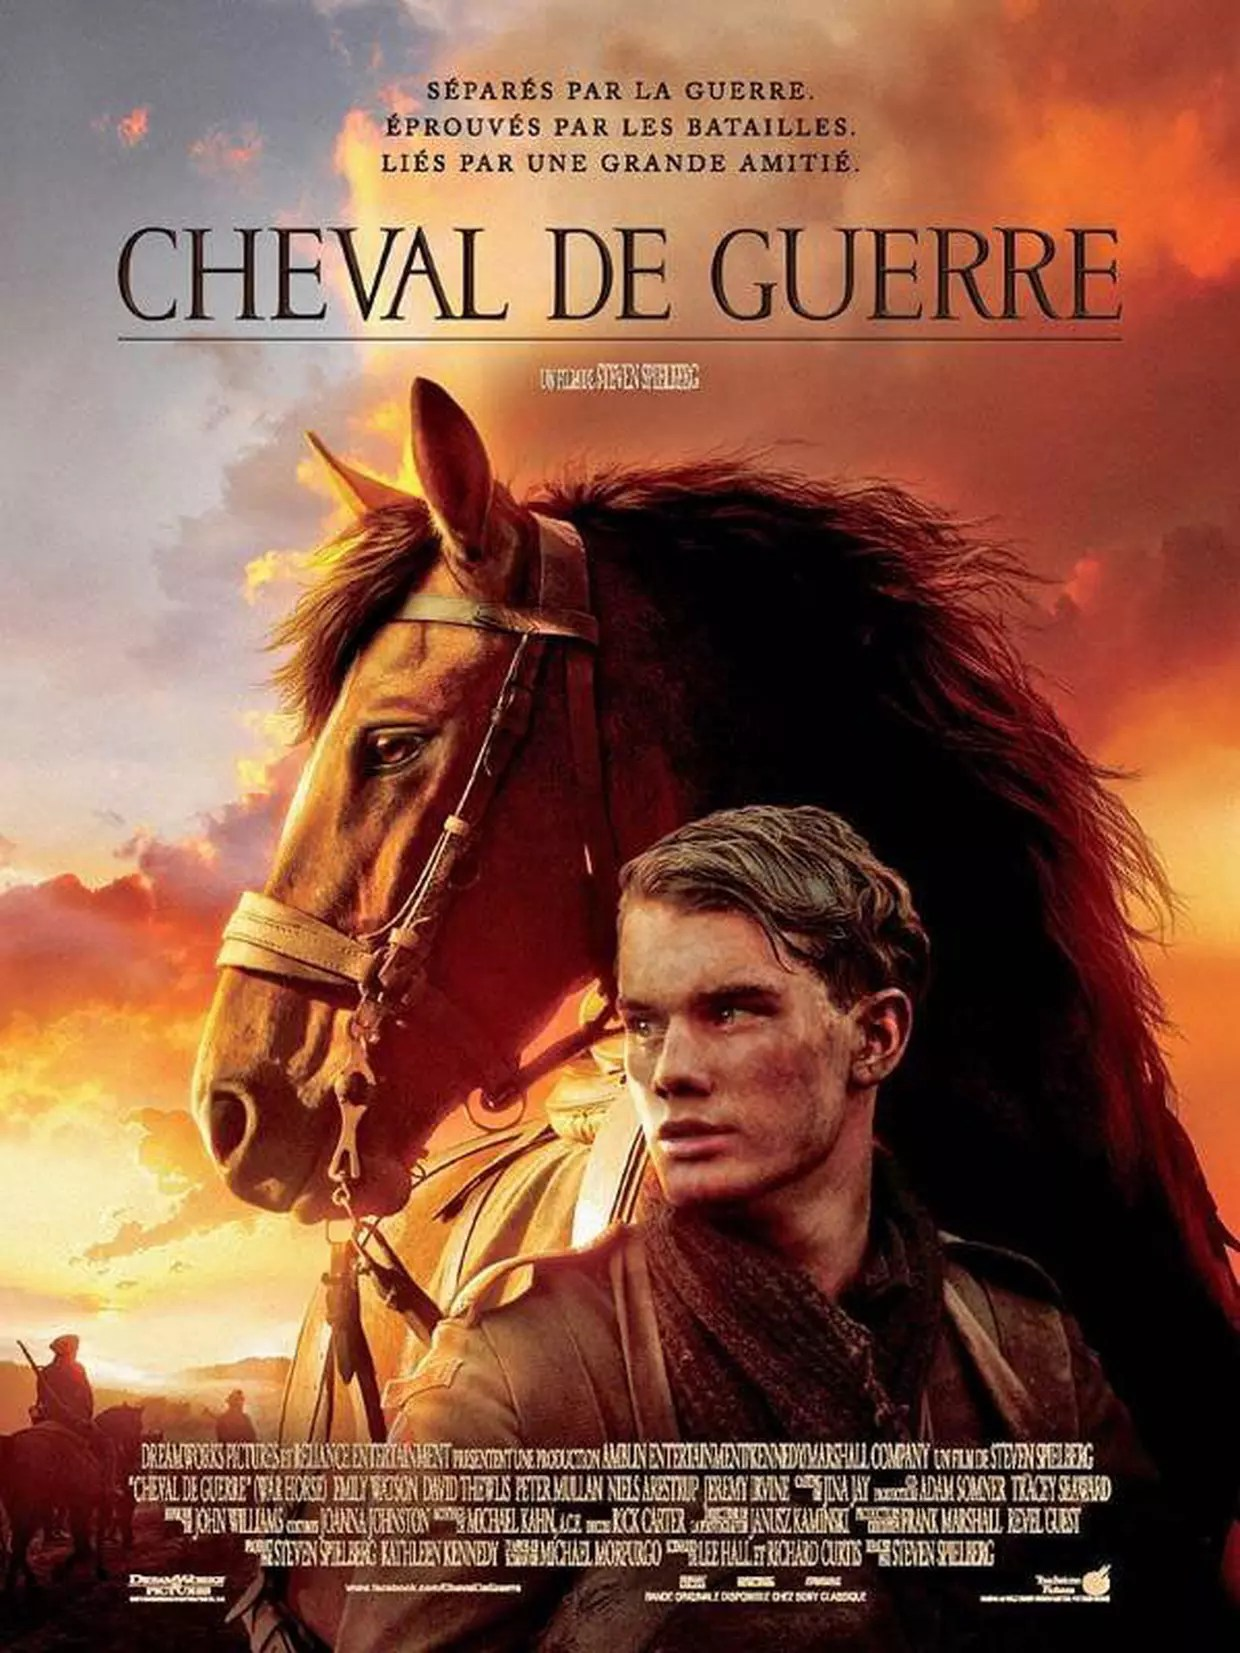 Le Cheval De Guerre Film : cheval, guerre, Cheval, Guerre, Bande, Annonce, Film,, Séances,, Streaming,, Sortie,